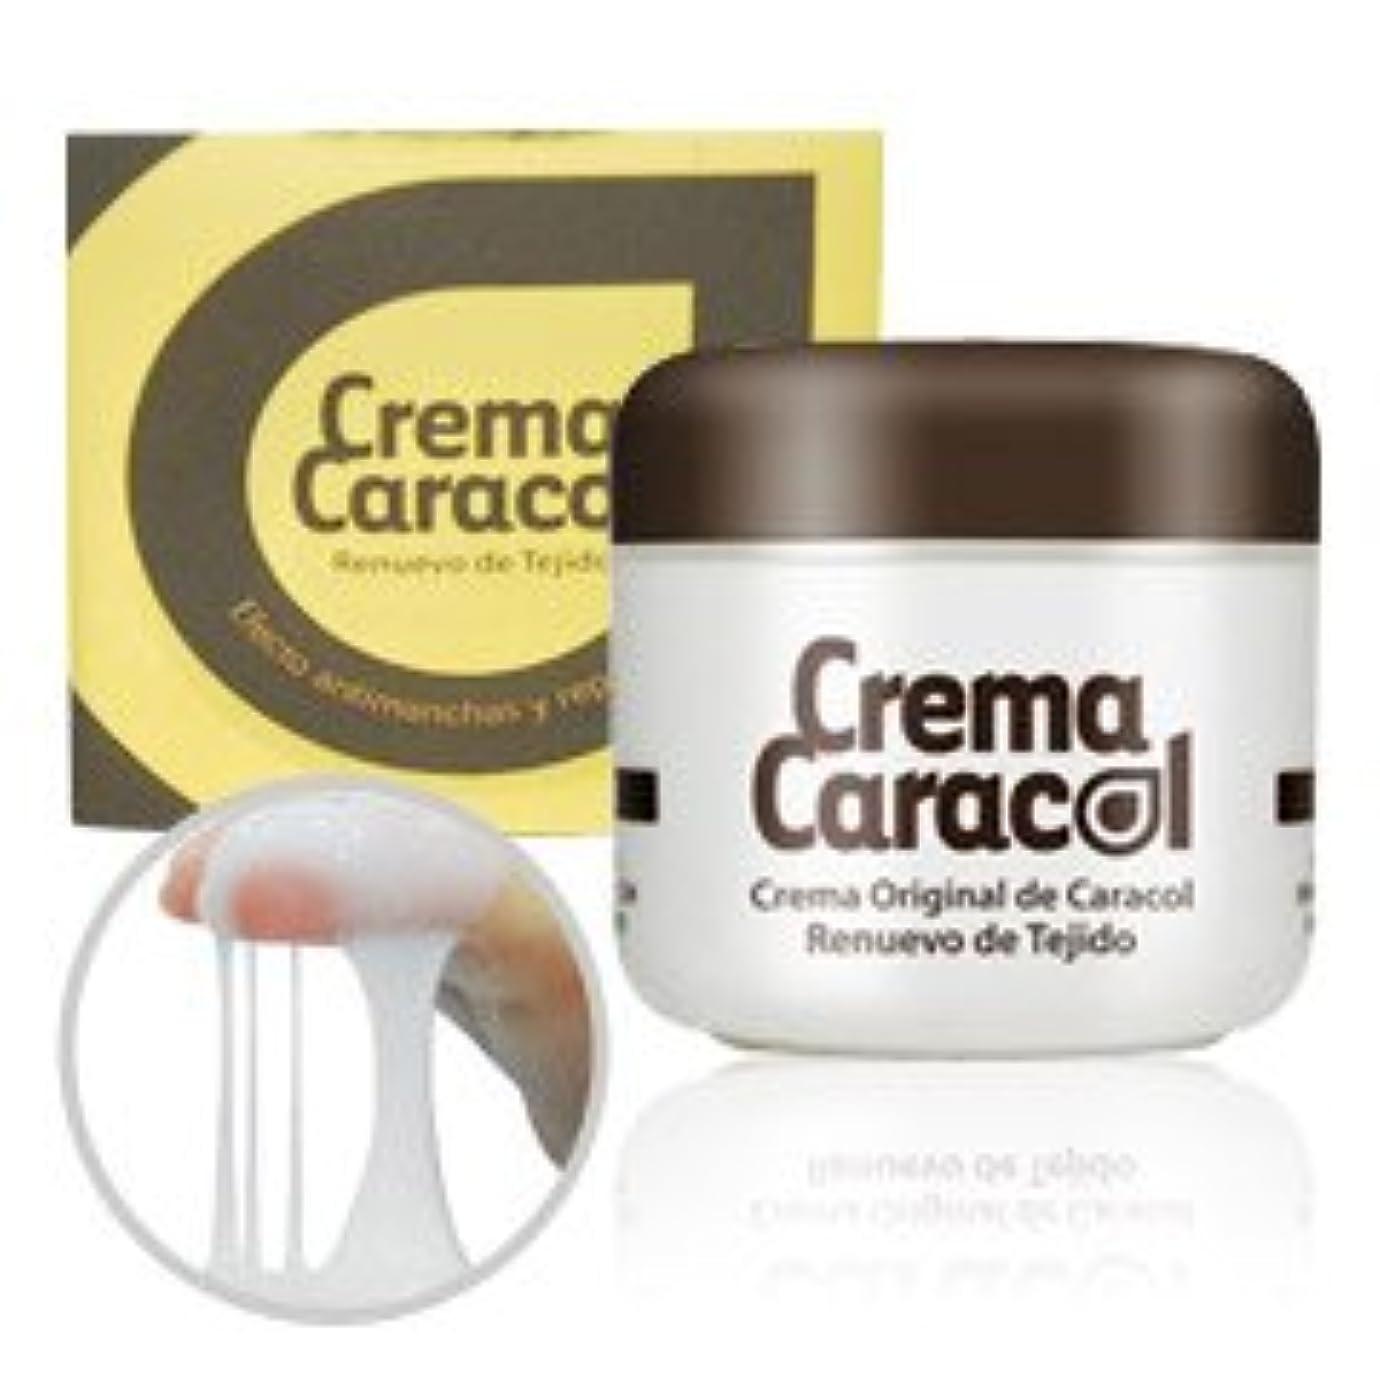 したい道コイルcrema caracol(カラコール) かたつむりクリーム 3個セット